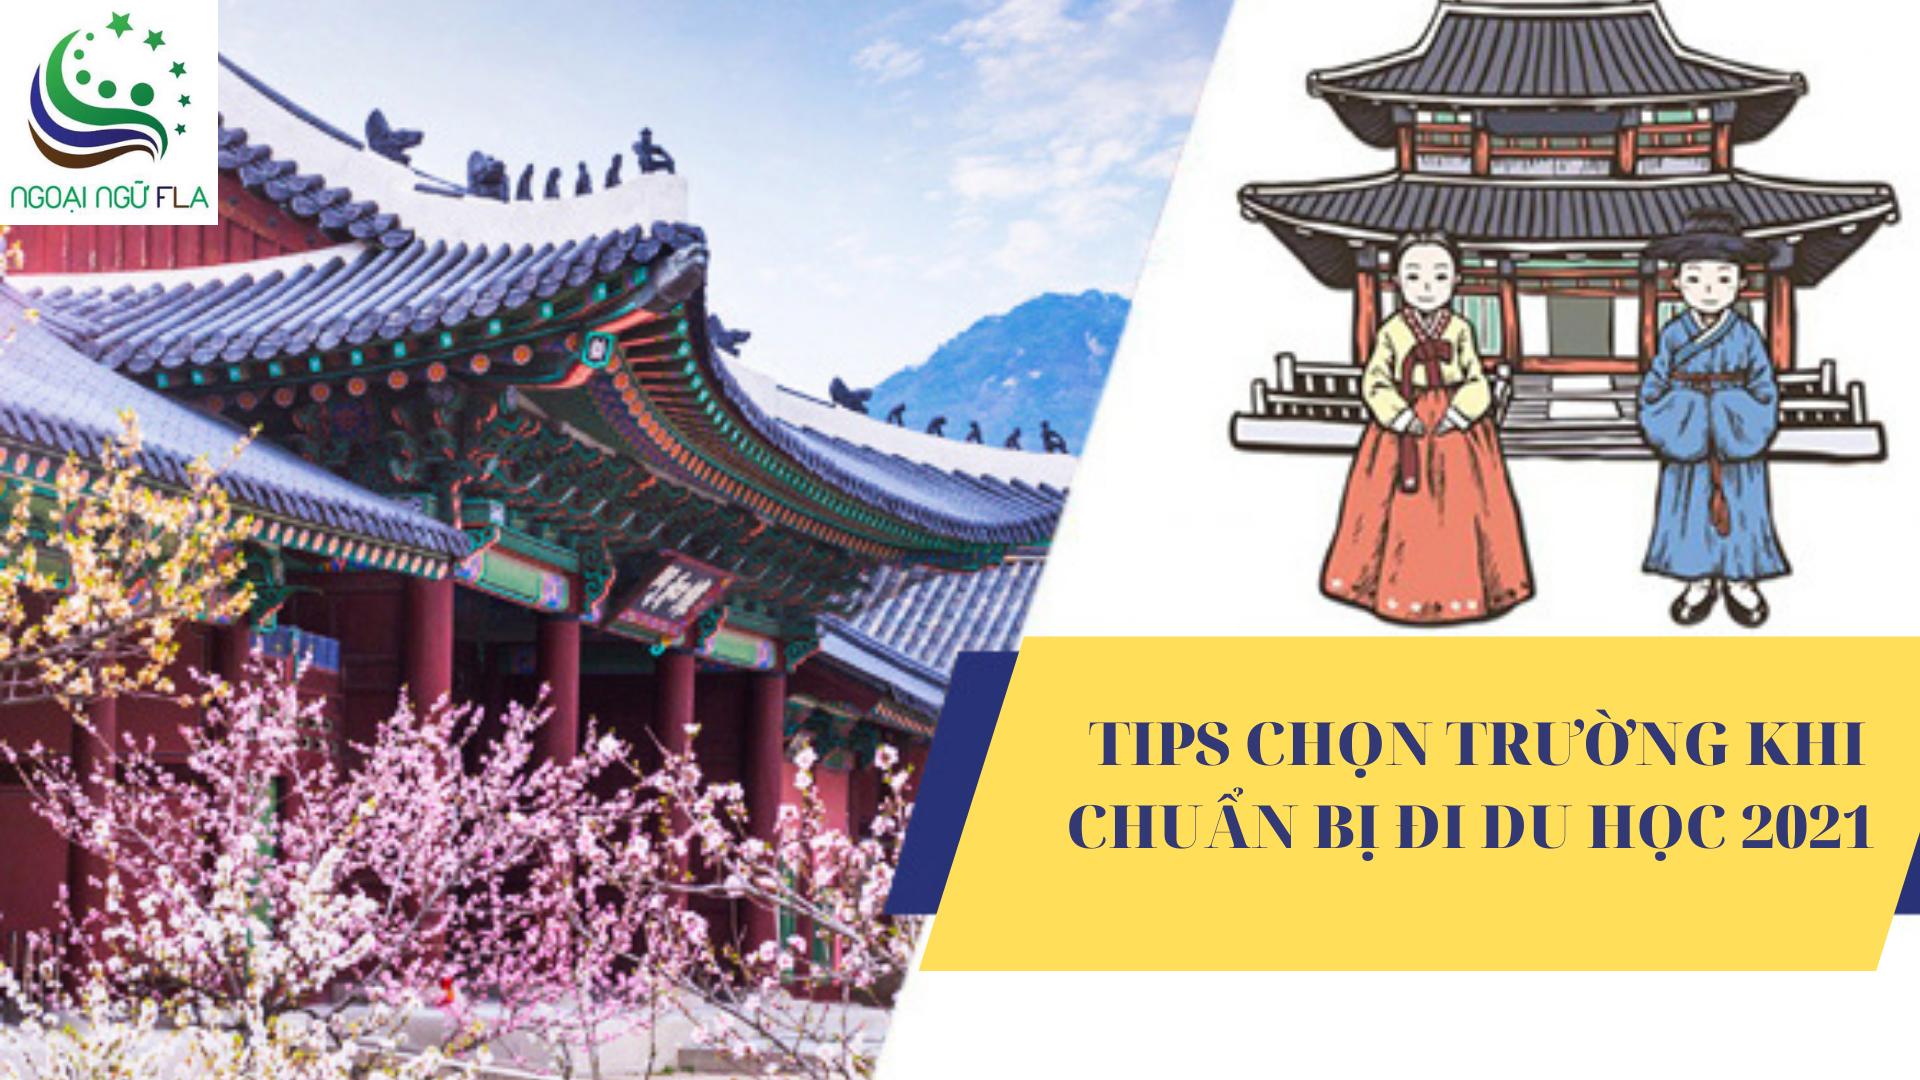 TIPS CHON TRUONG KHI CHUAN BI DI DU HOC 2021